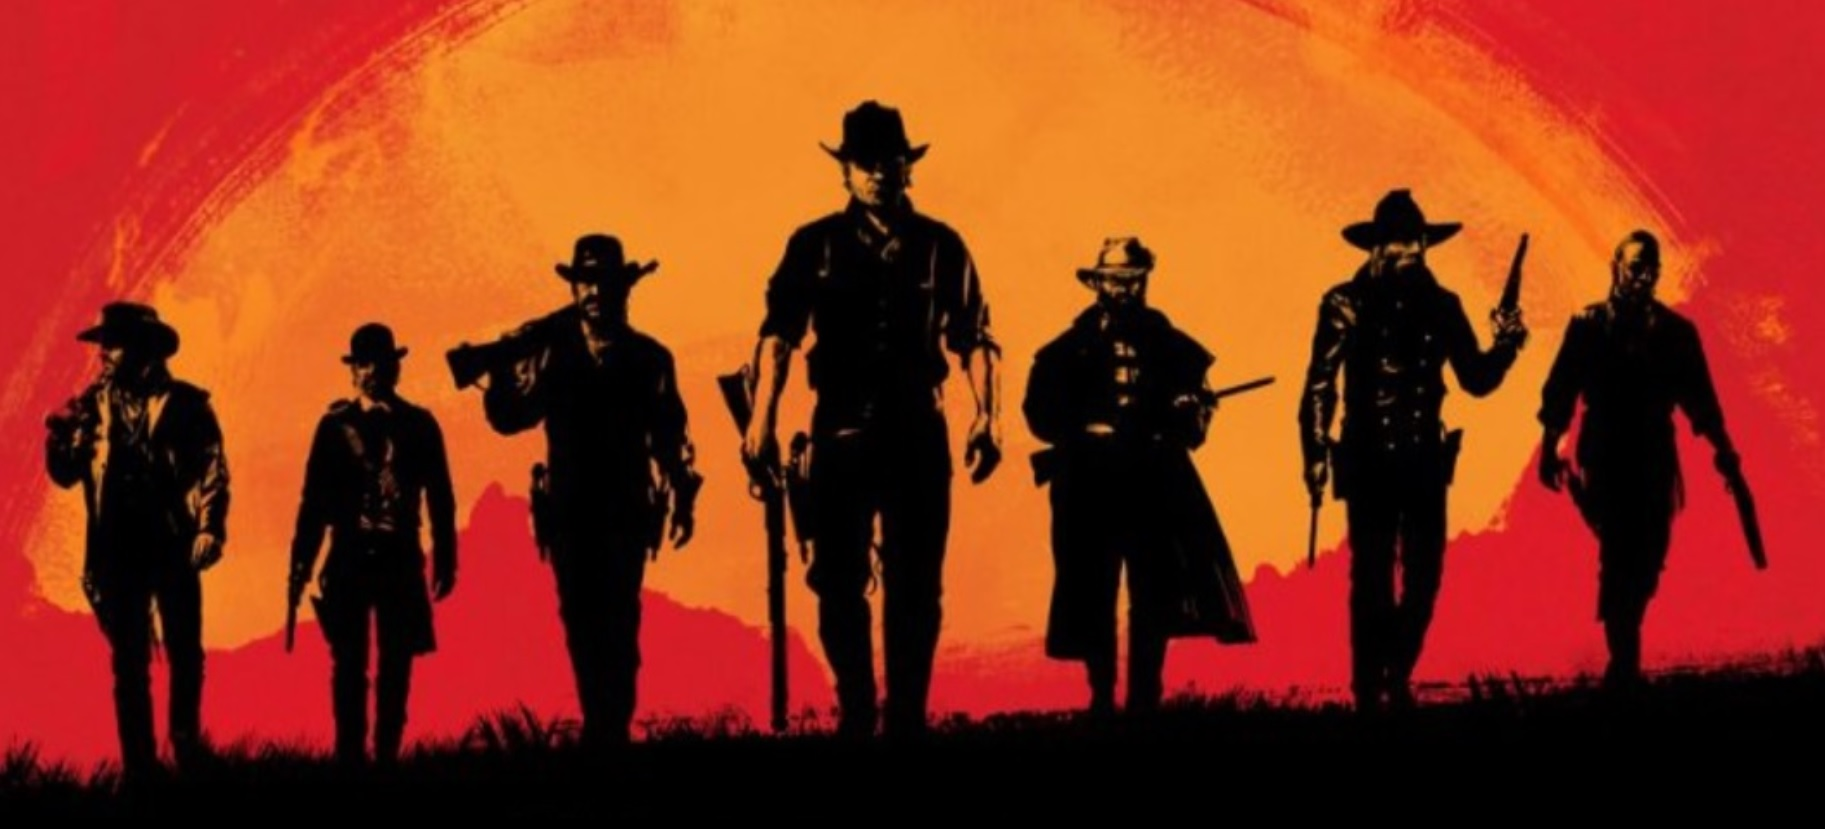 Red Dead Redemption 2: Multiplayer-Modus wird besonders wichtig – Konkurrent für GTA Online?